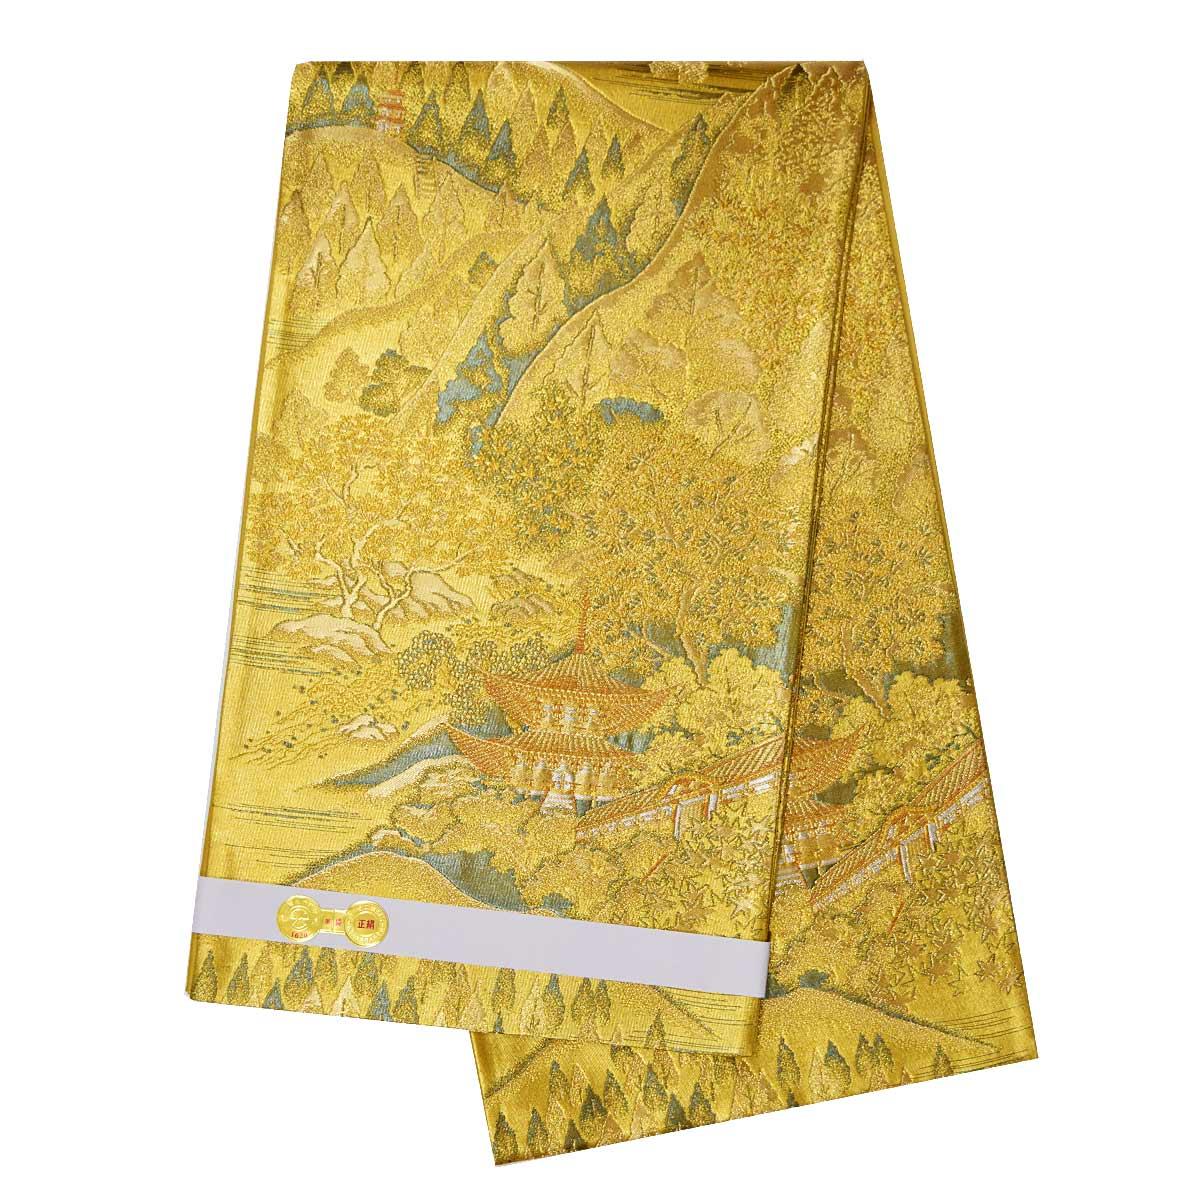 仕立て上がり 袋帯 単品 送料無料 礼装袋帯 着物 和服 和装 ゴールド 金番号c1228-3【BF】